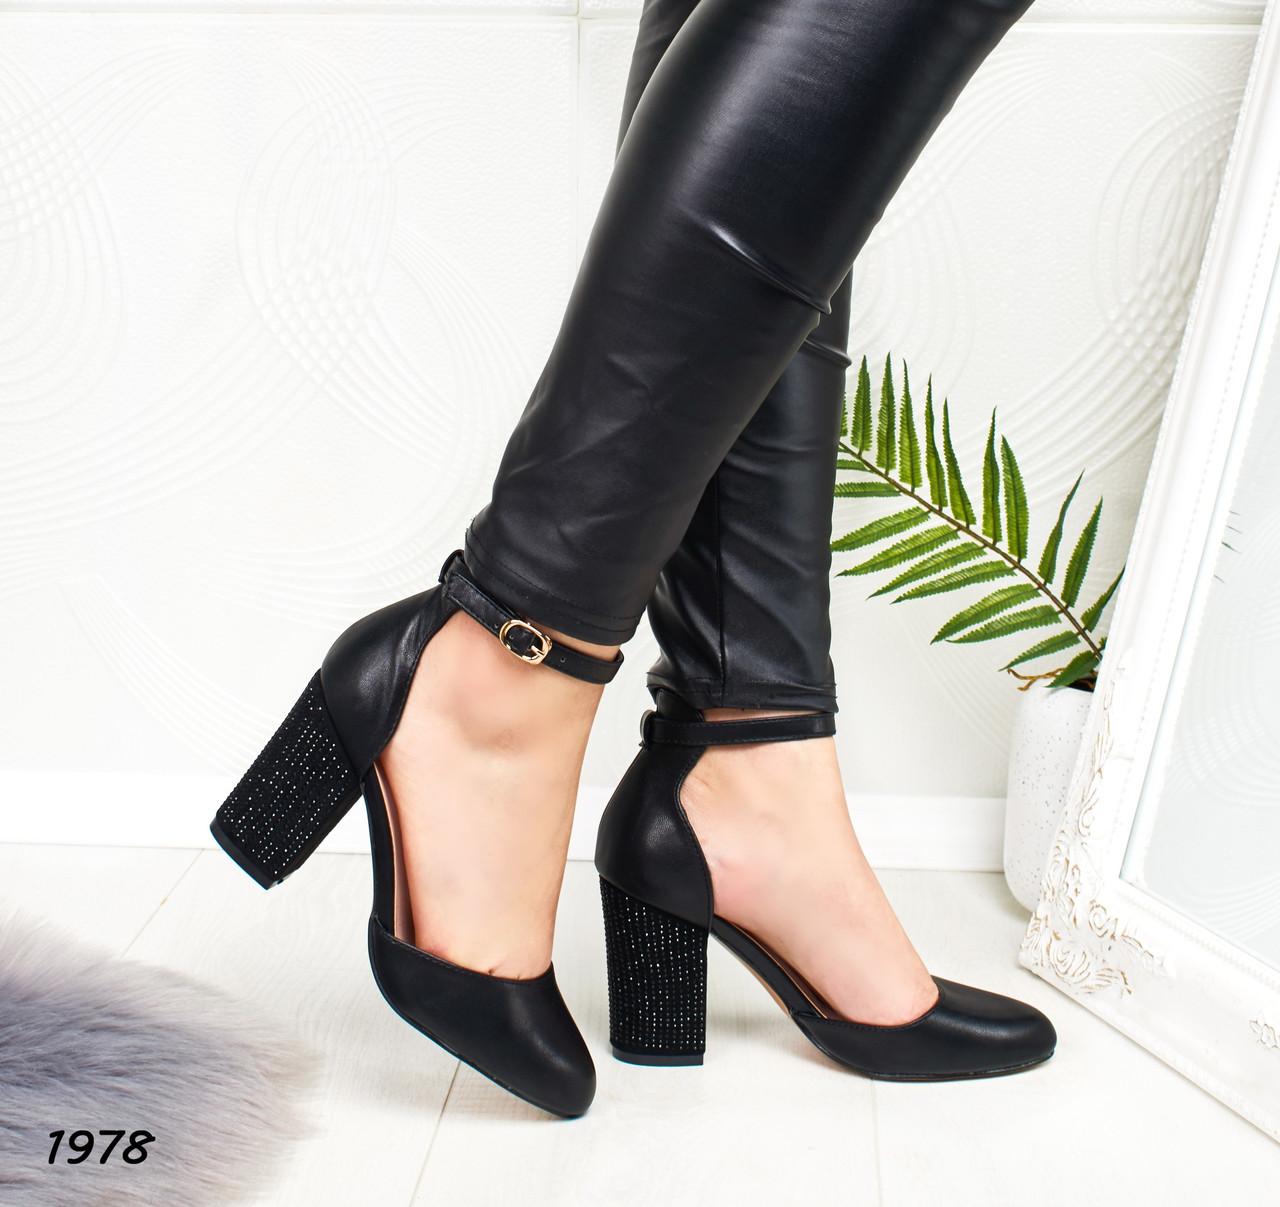 b509c367c0f6 Женские стильные туфли - купить по лучшей цене в Украине от компании